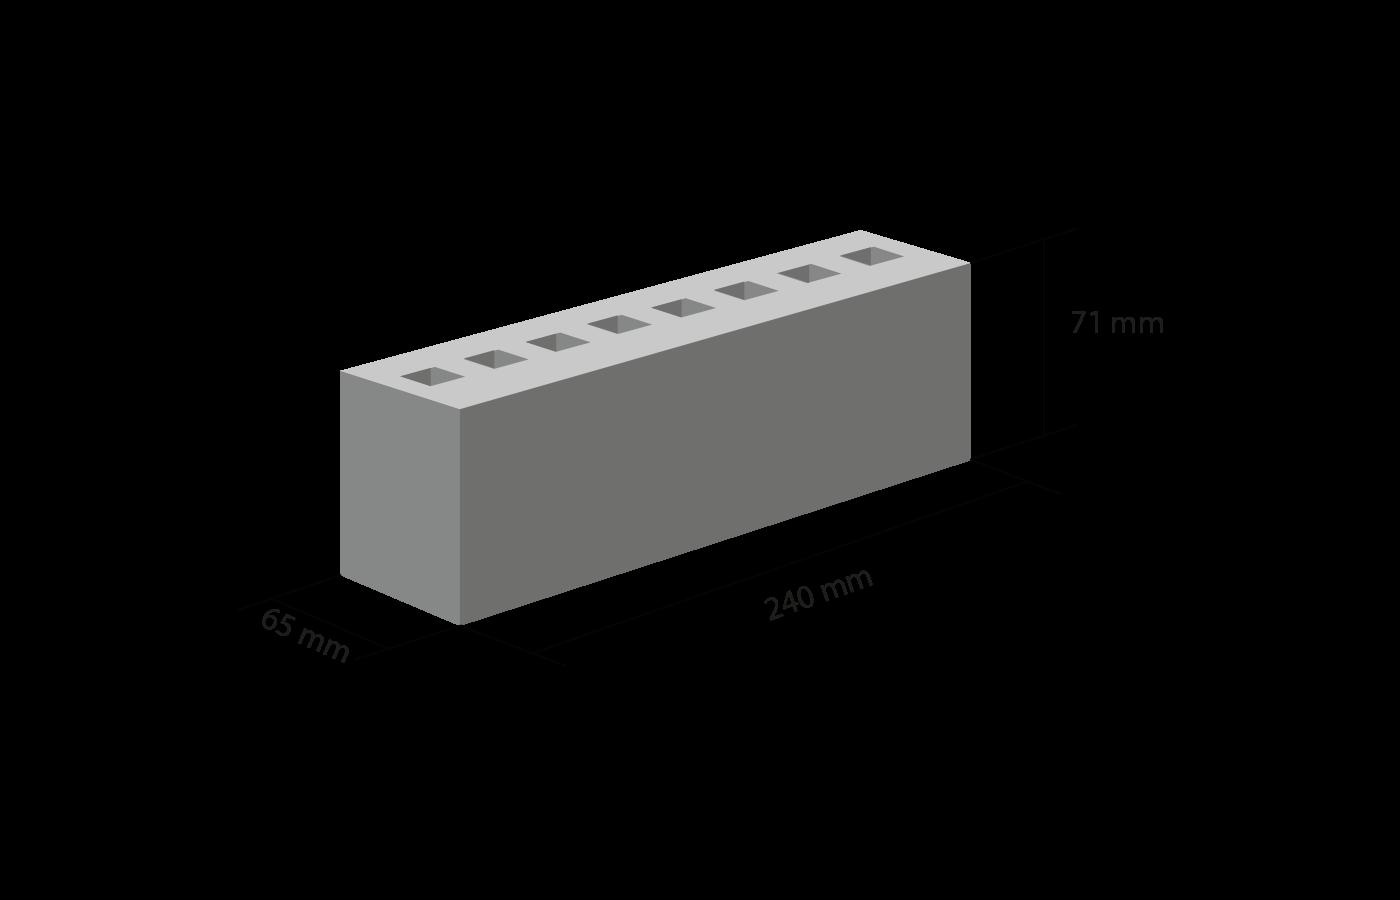 Размер клинкернго кирпича формат nf-sp 240-65-71